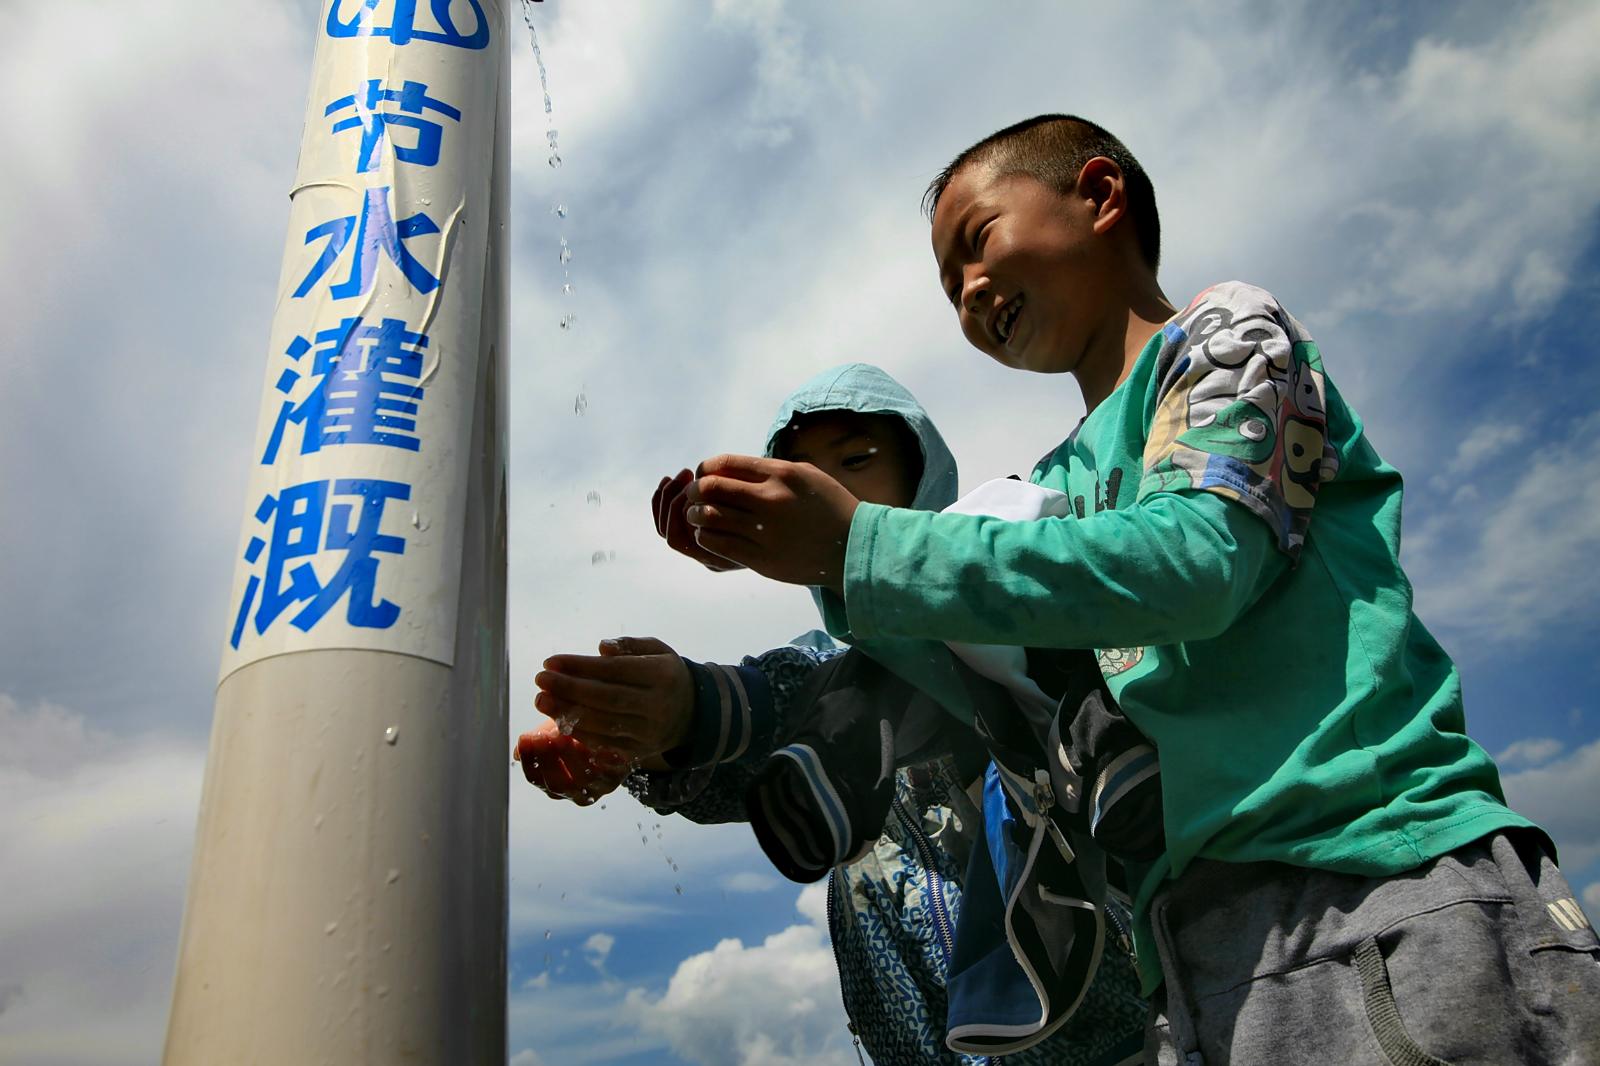 张洪刚摄影作品的《解渴》_meitu_8.jpg